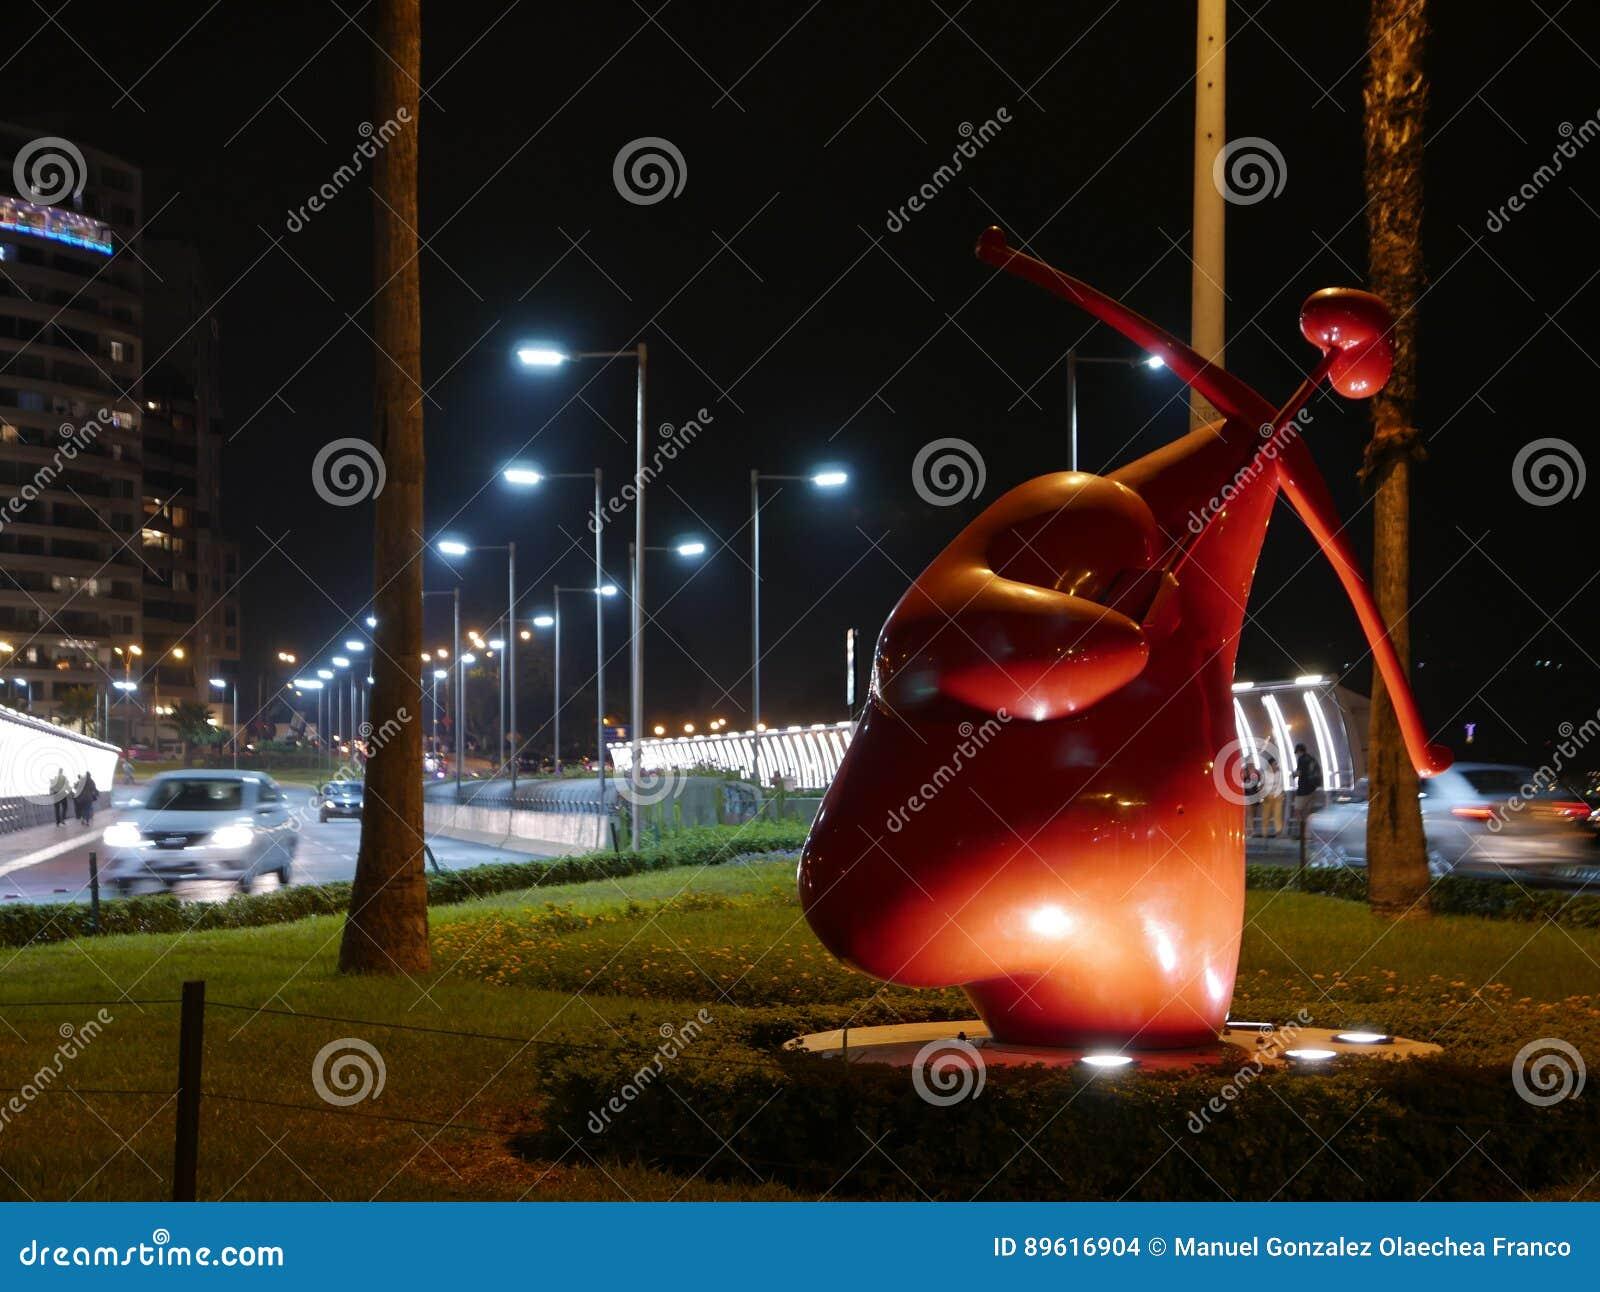 Vue scénique de nuit d une statue de cupidon ayant une forme de coeur située dans le secteur de Miraflores de Lima